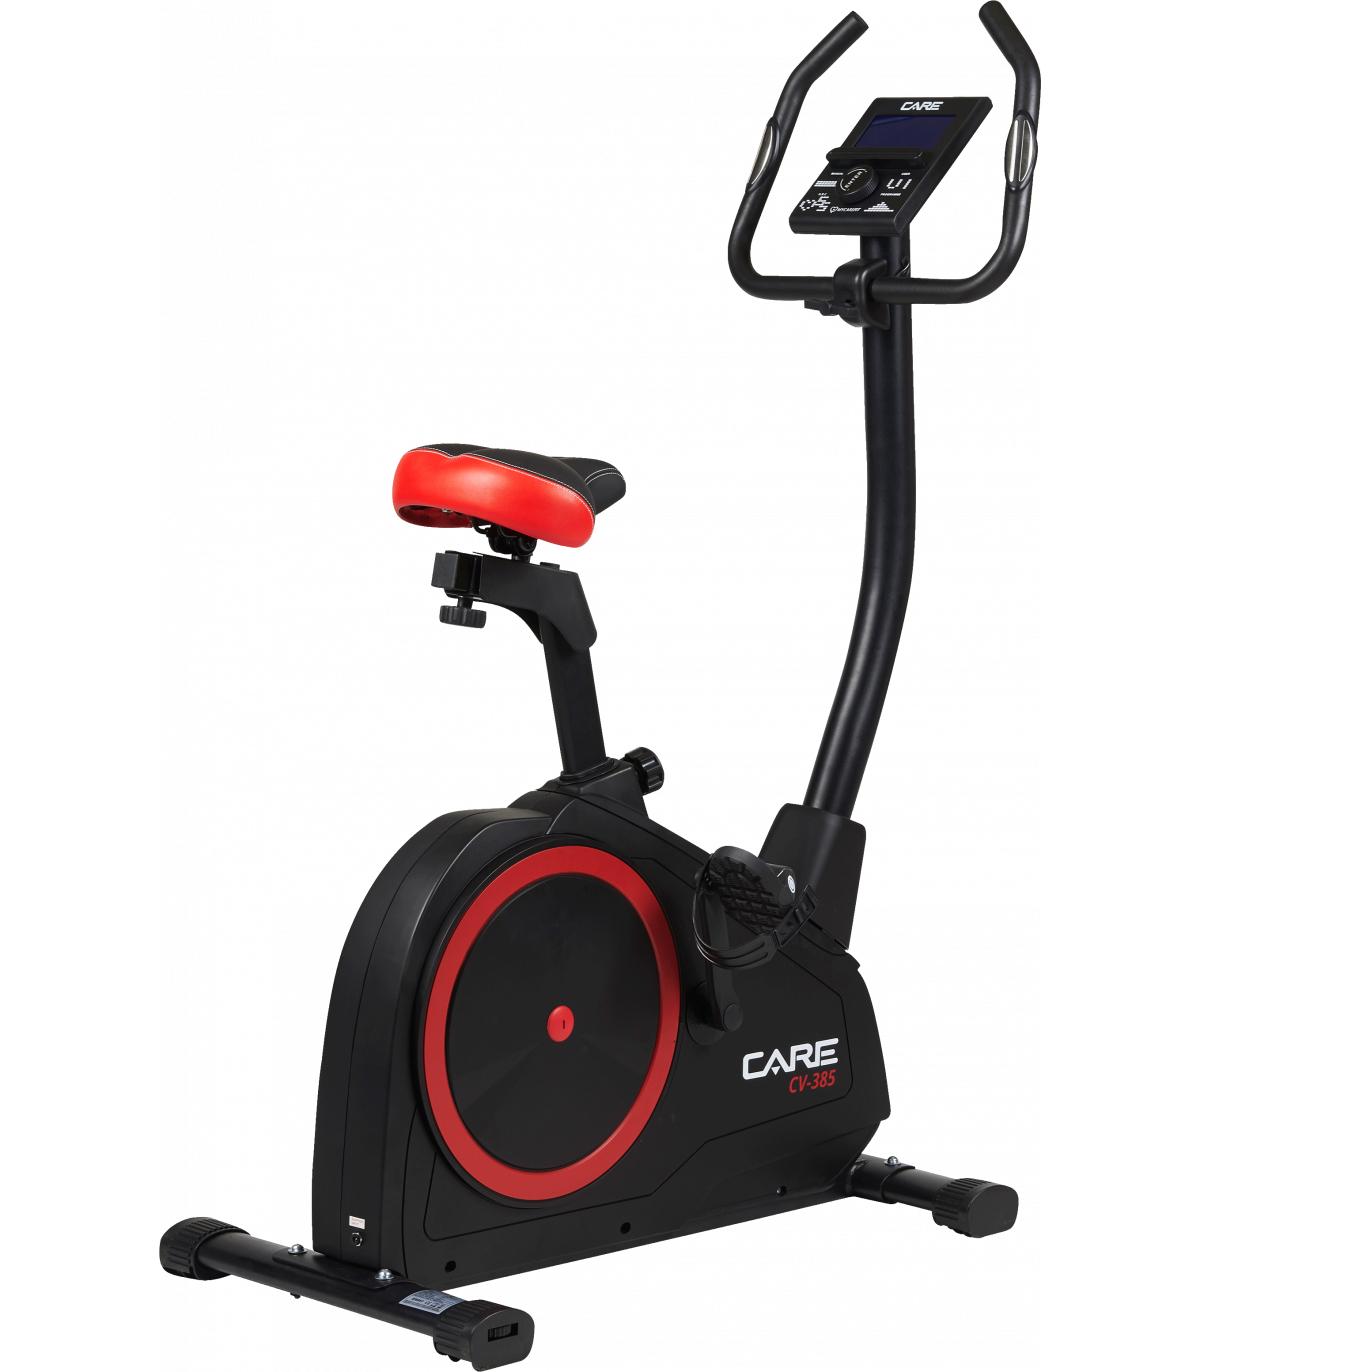 Vélo d'appartement Care CV-385 avec 10kg d'inertie, 24 programmes (fitnessboutique.fr)